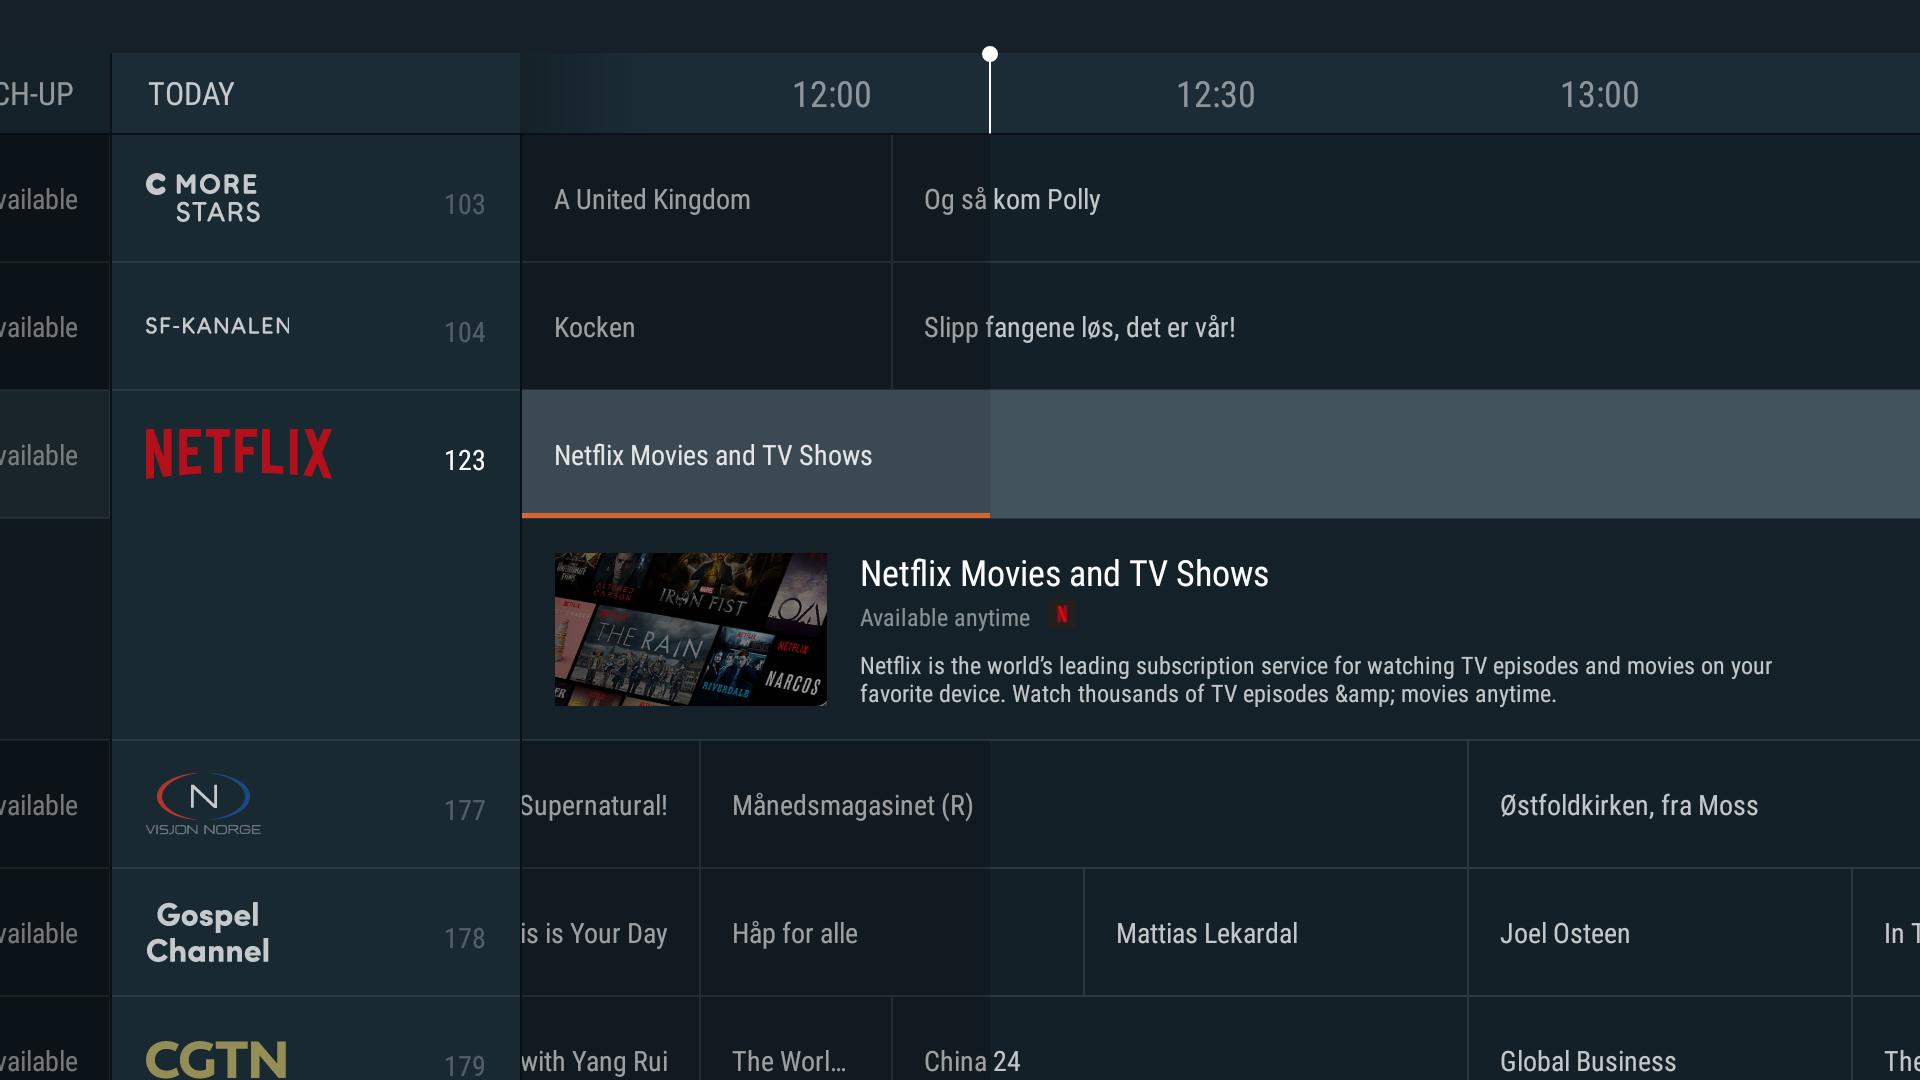 Canal Digital fortsetter å utvikle og forbedre sitt TV-tilbud i tråd med kundenes ønsker og behov. Nå lanseres Netflix som en integrert del av TV-opplevelsen.